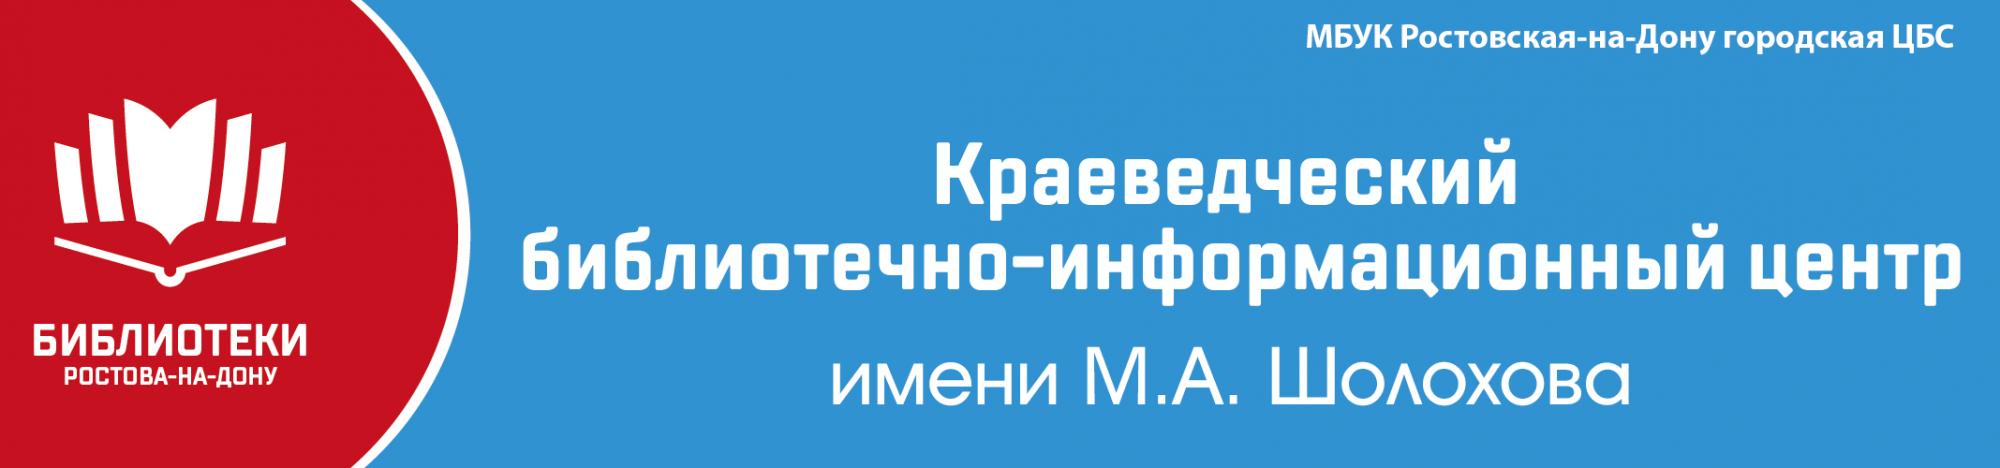 Краеведческий библиотечно-информационный центр им. М. А. Шолохова